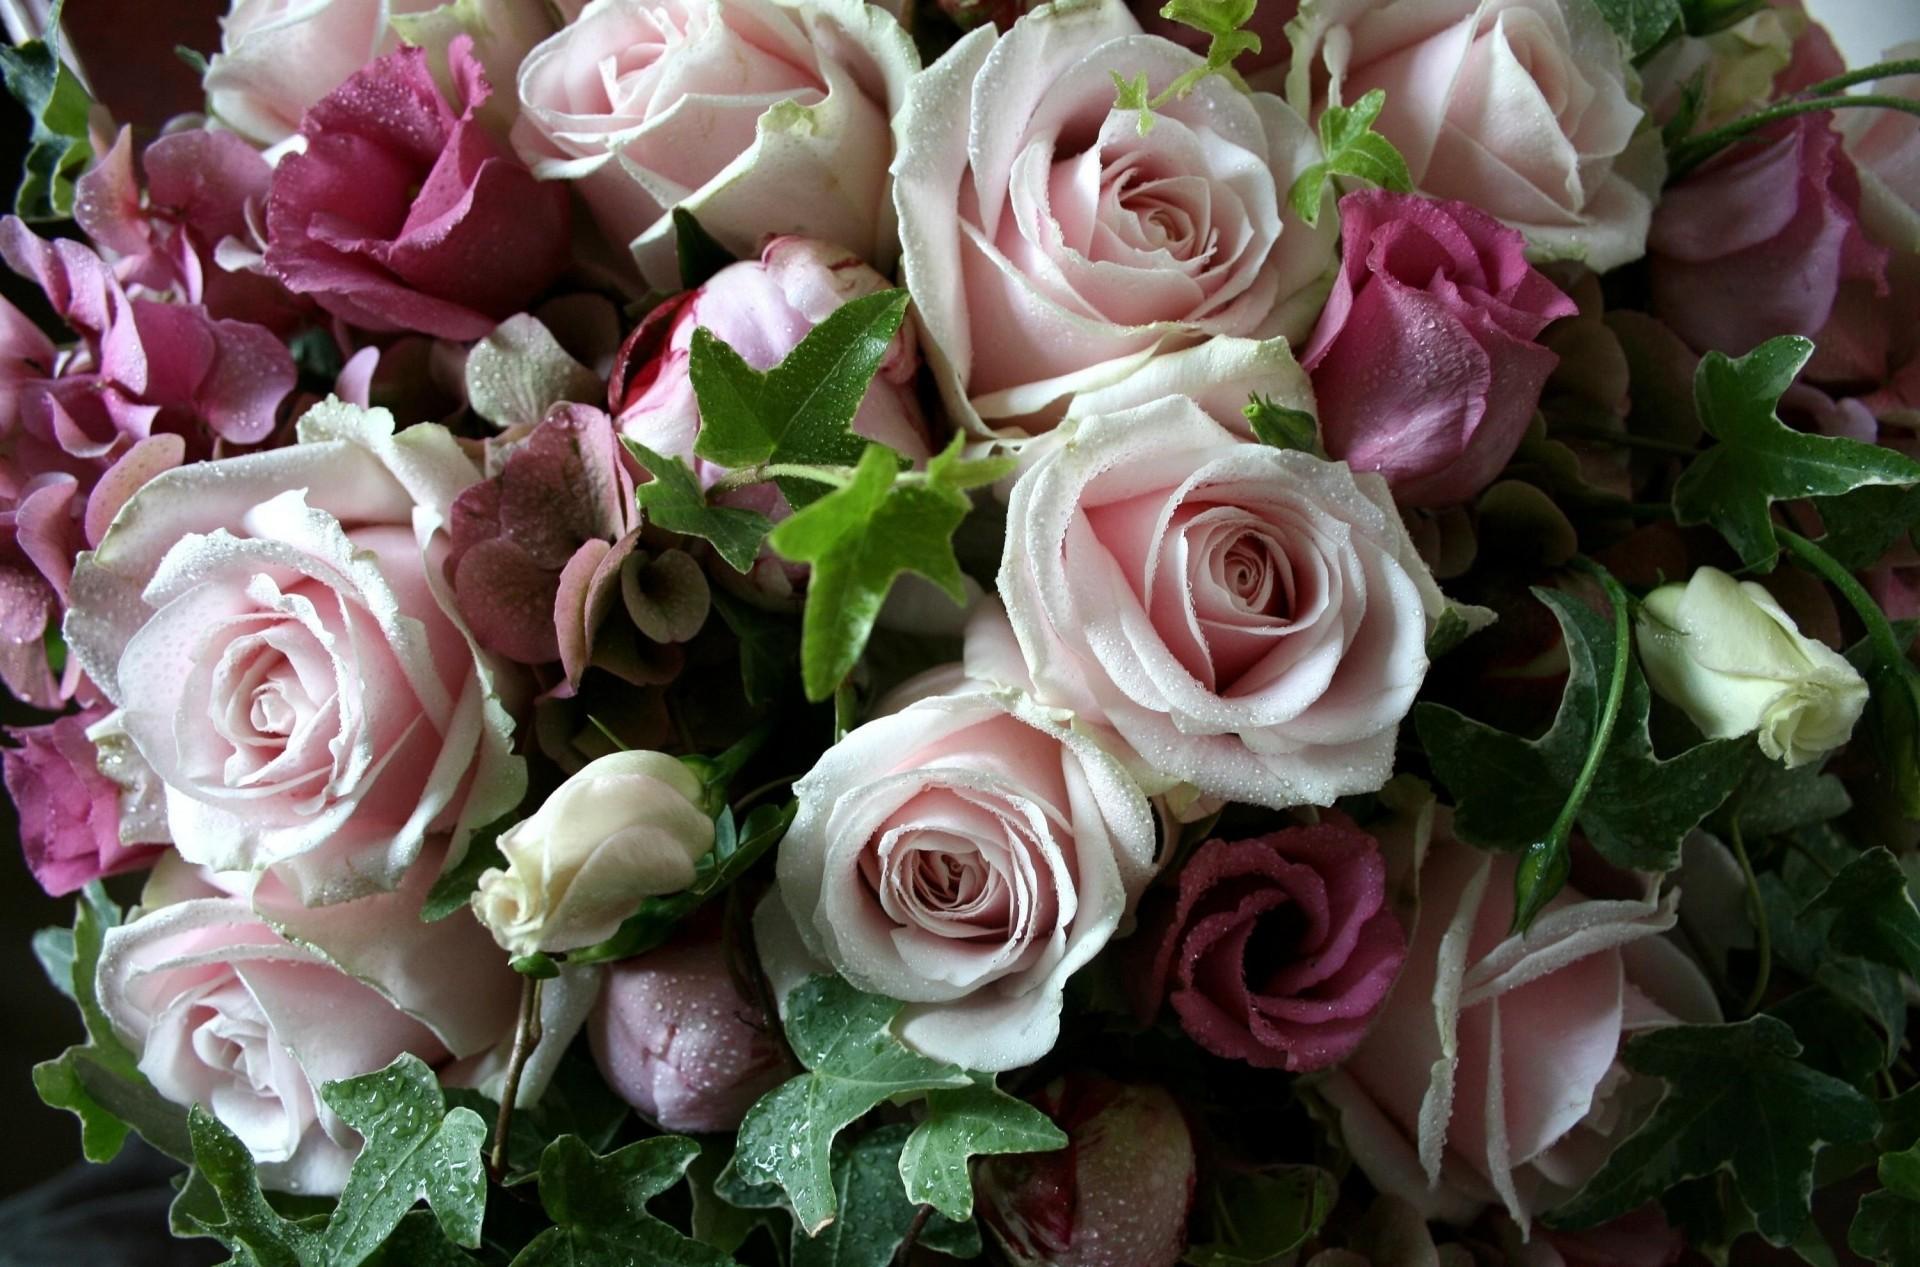 Букет роз фото высокого качества, букет цветов фотографии